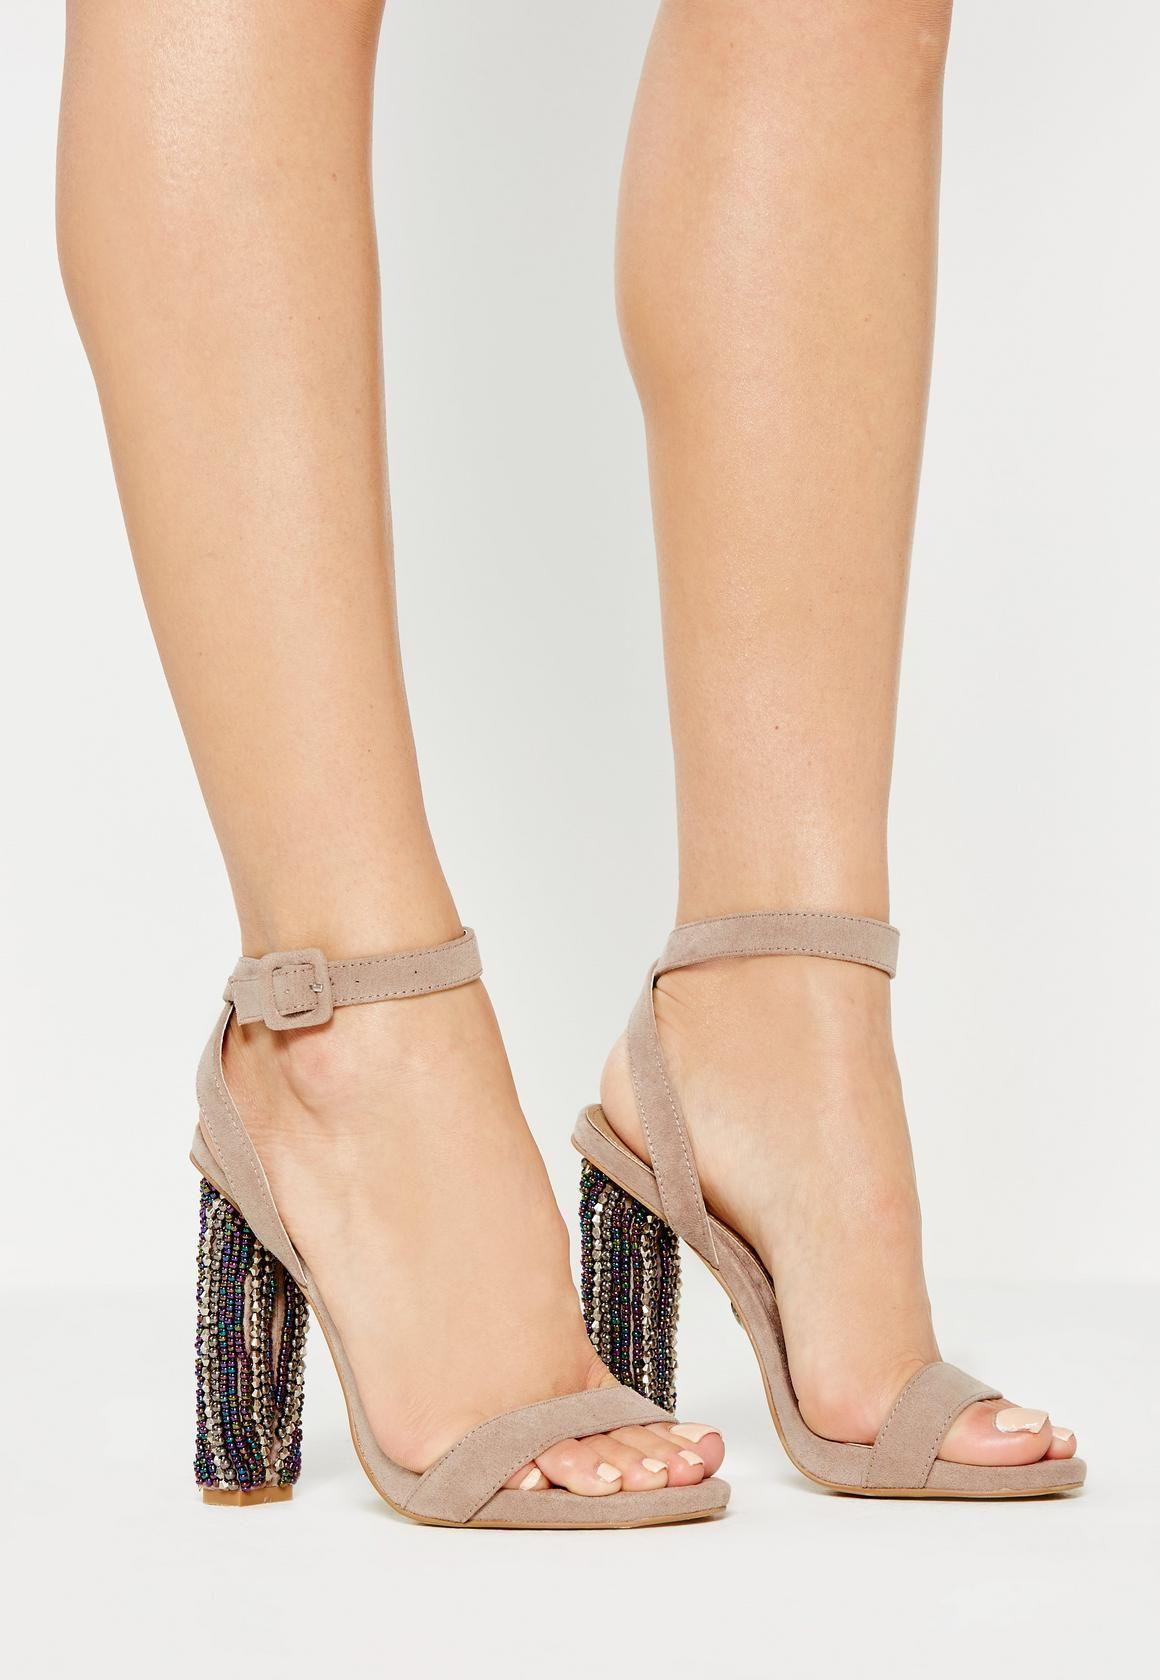 Women's Shoes - Shop Women's Footwear Online